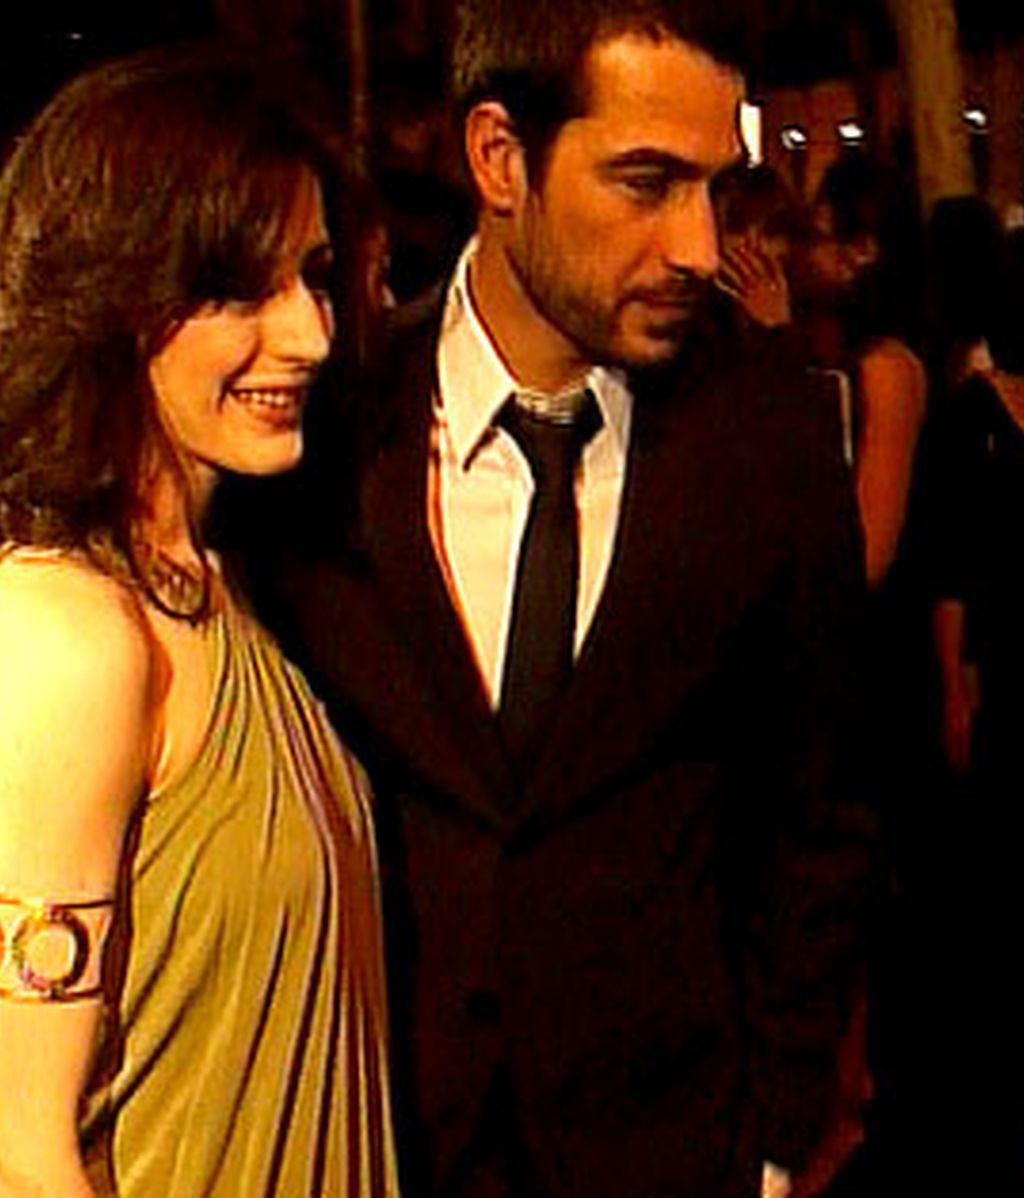 Alejandro Tous y Ruth Nuñez, los reyes de la fiesta